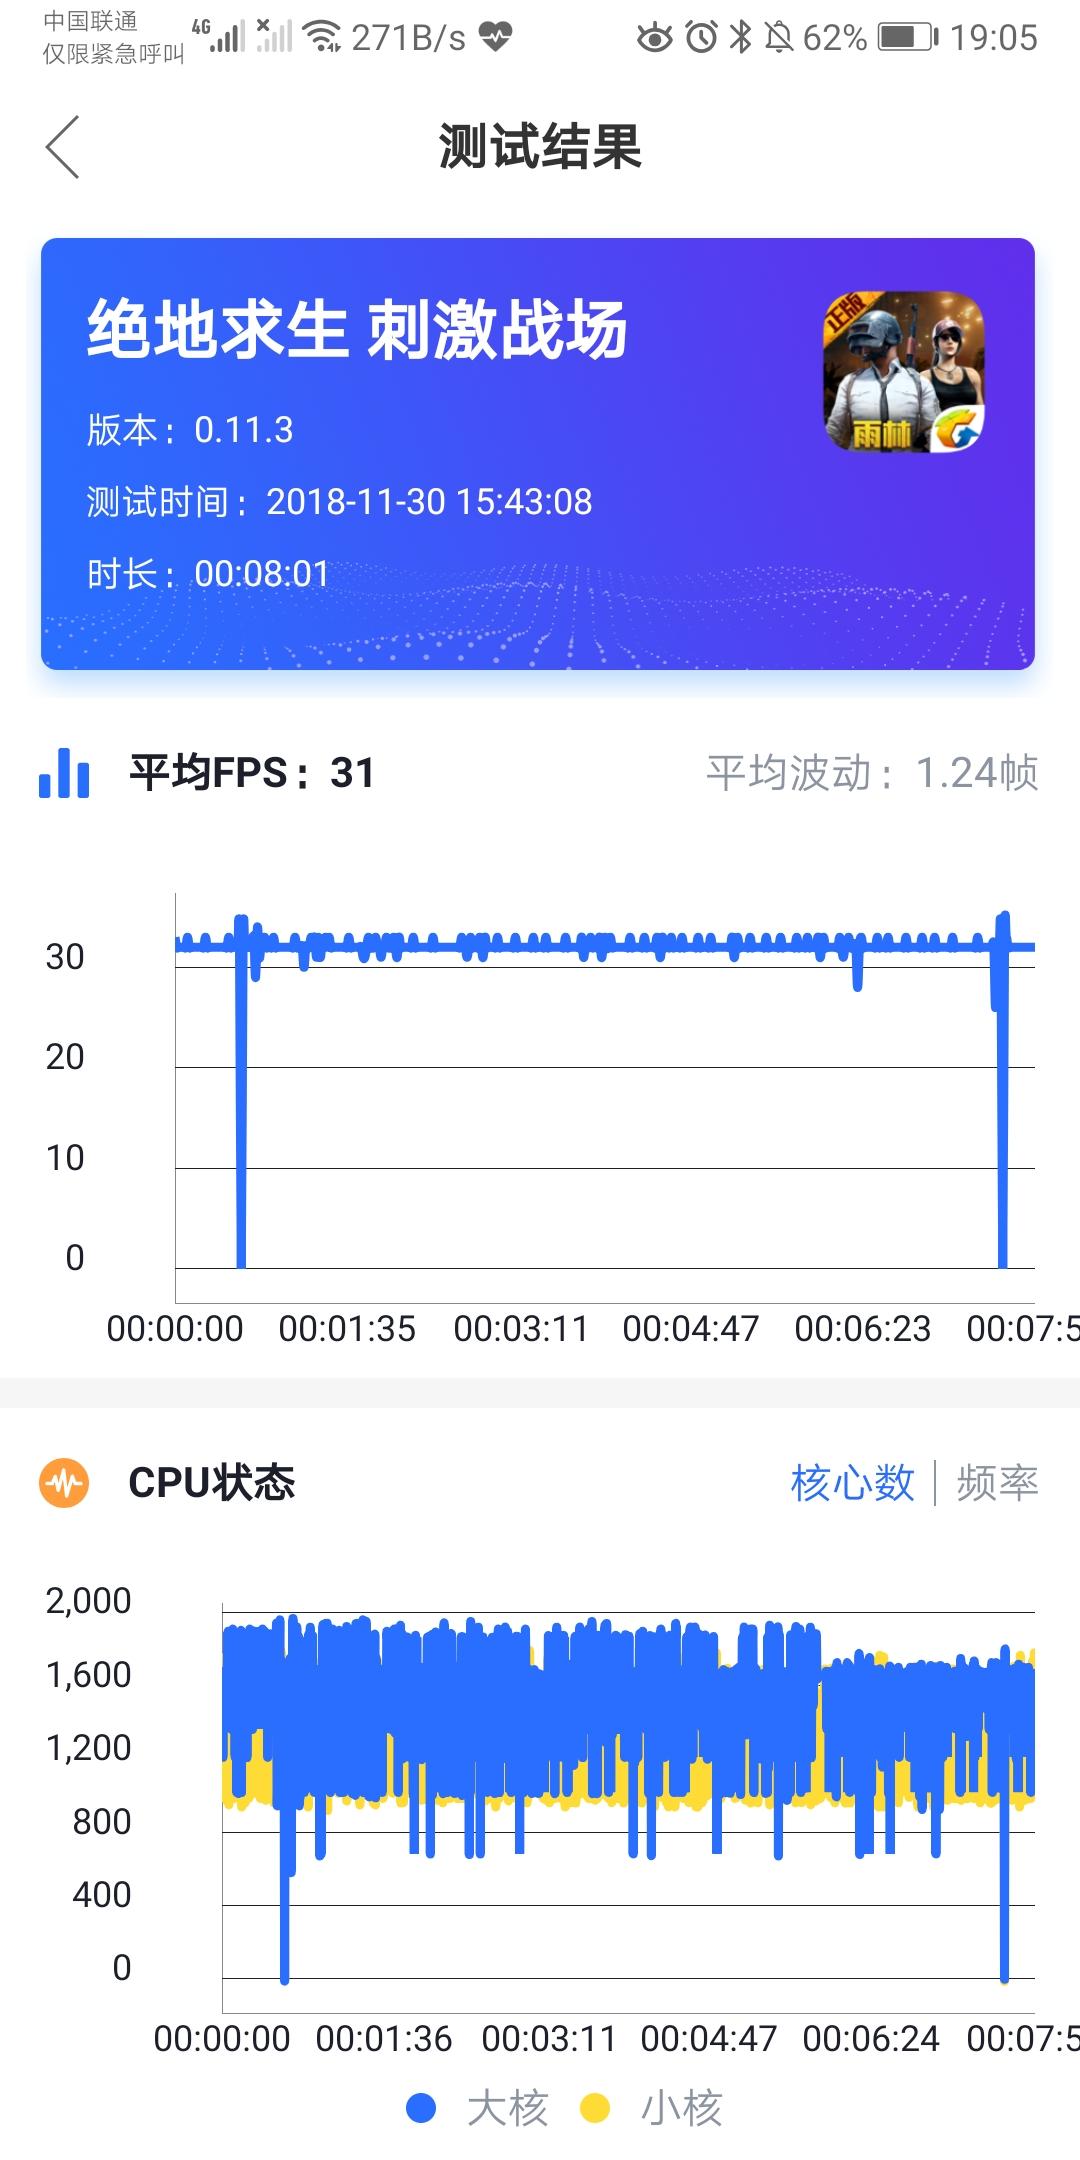 Screenshot_20181130_190534_com.af.benchaf.jpg